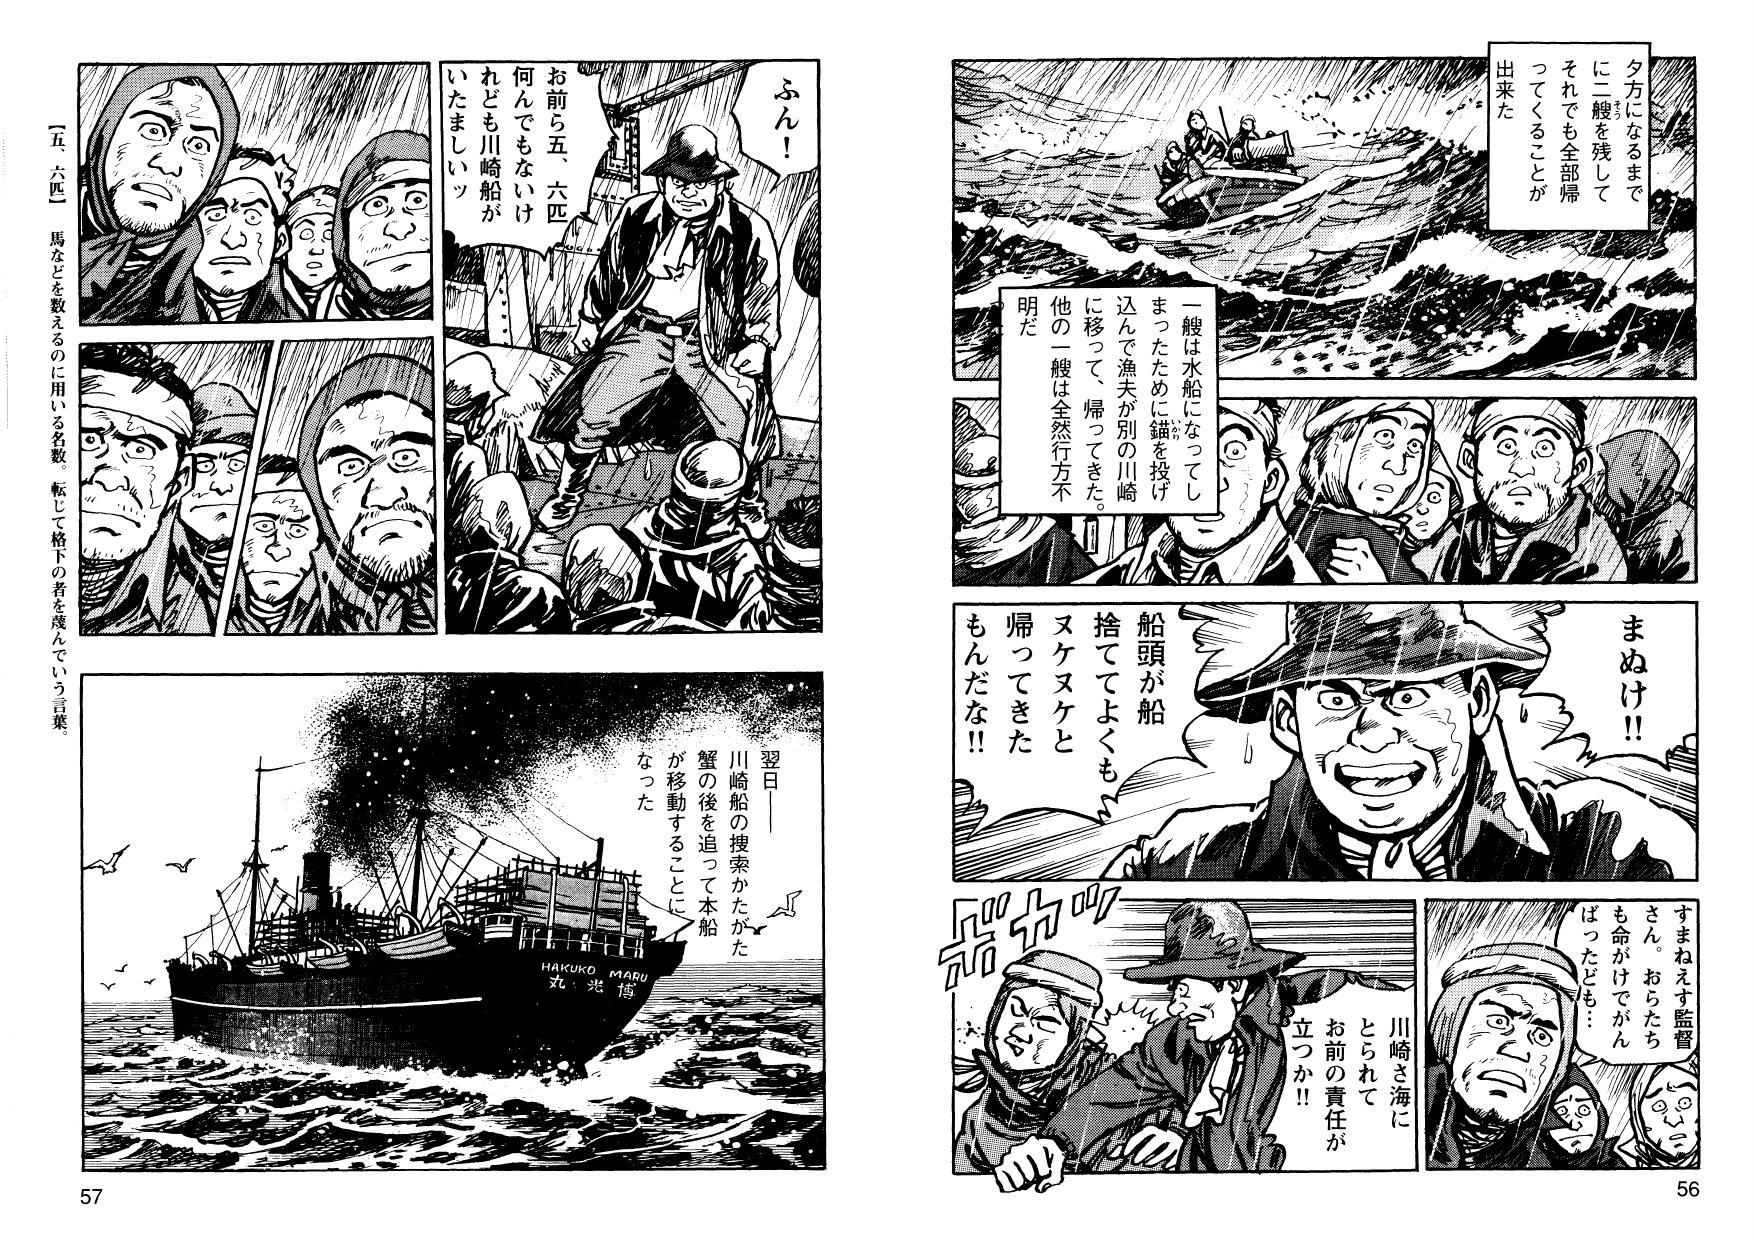 kani_cmc_000029.jpg